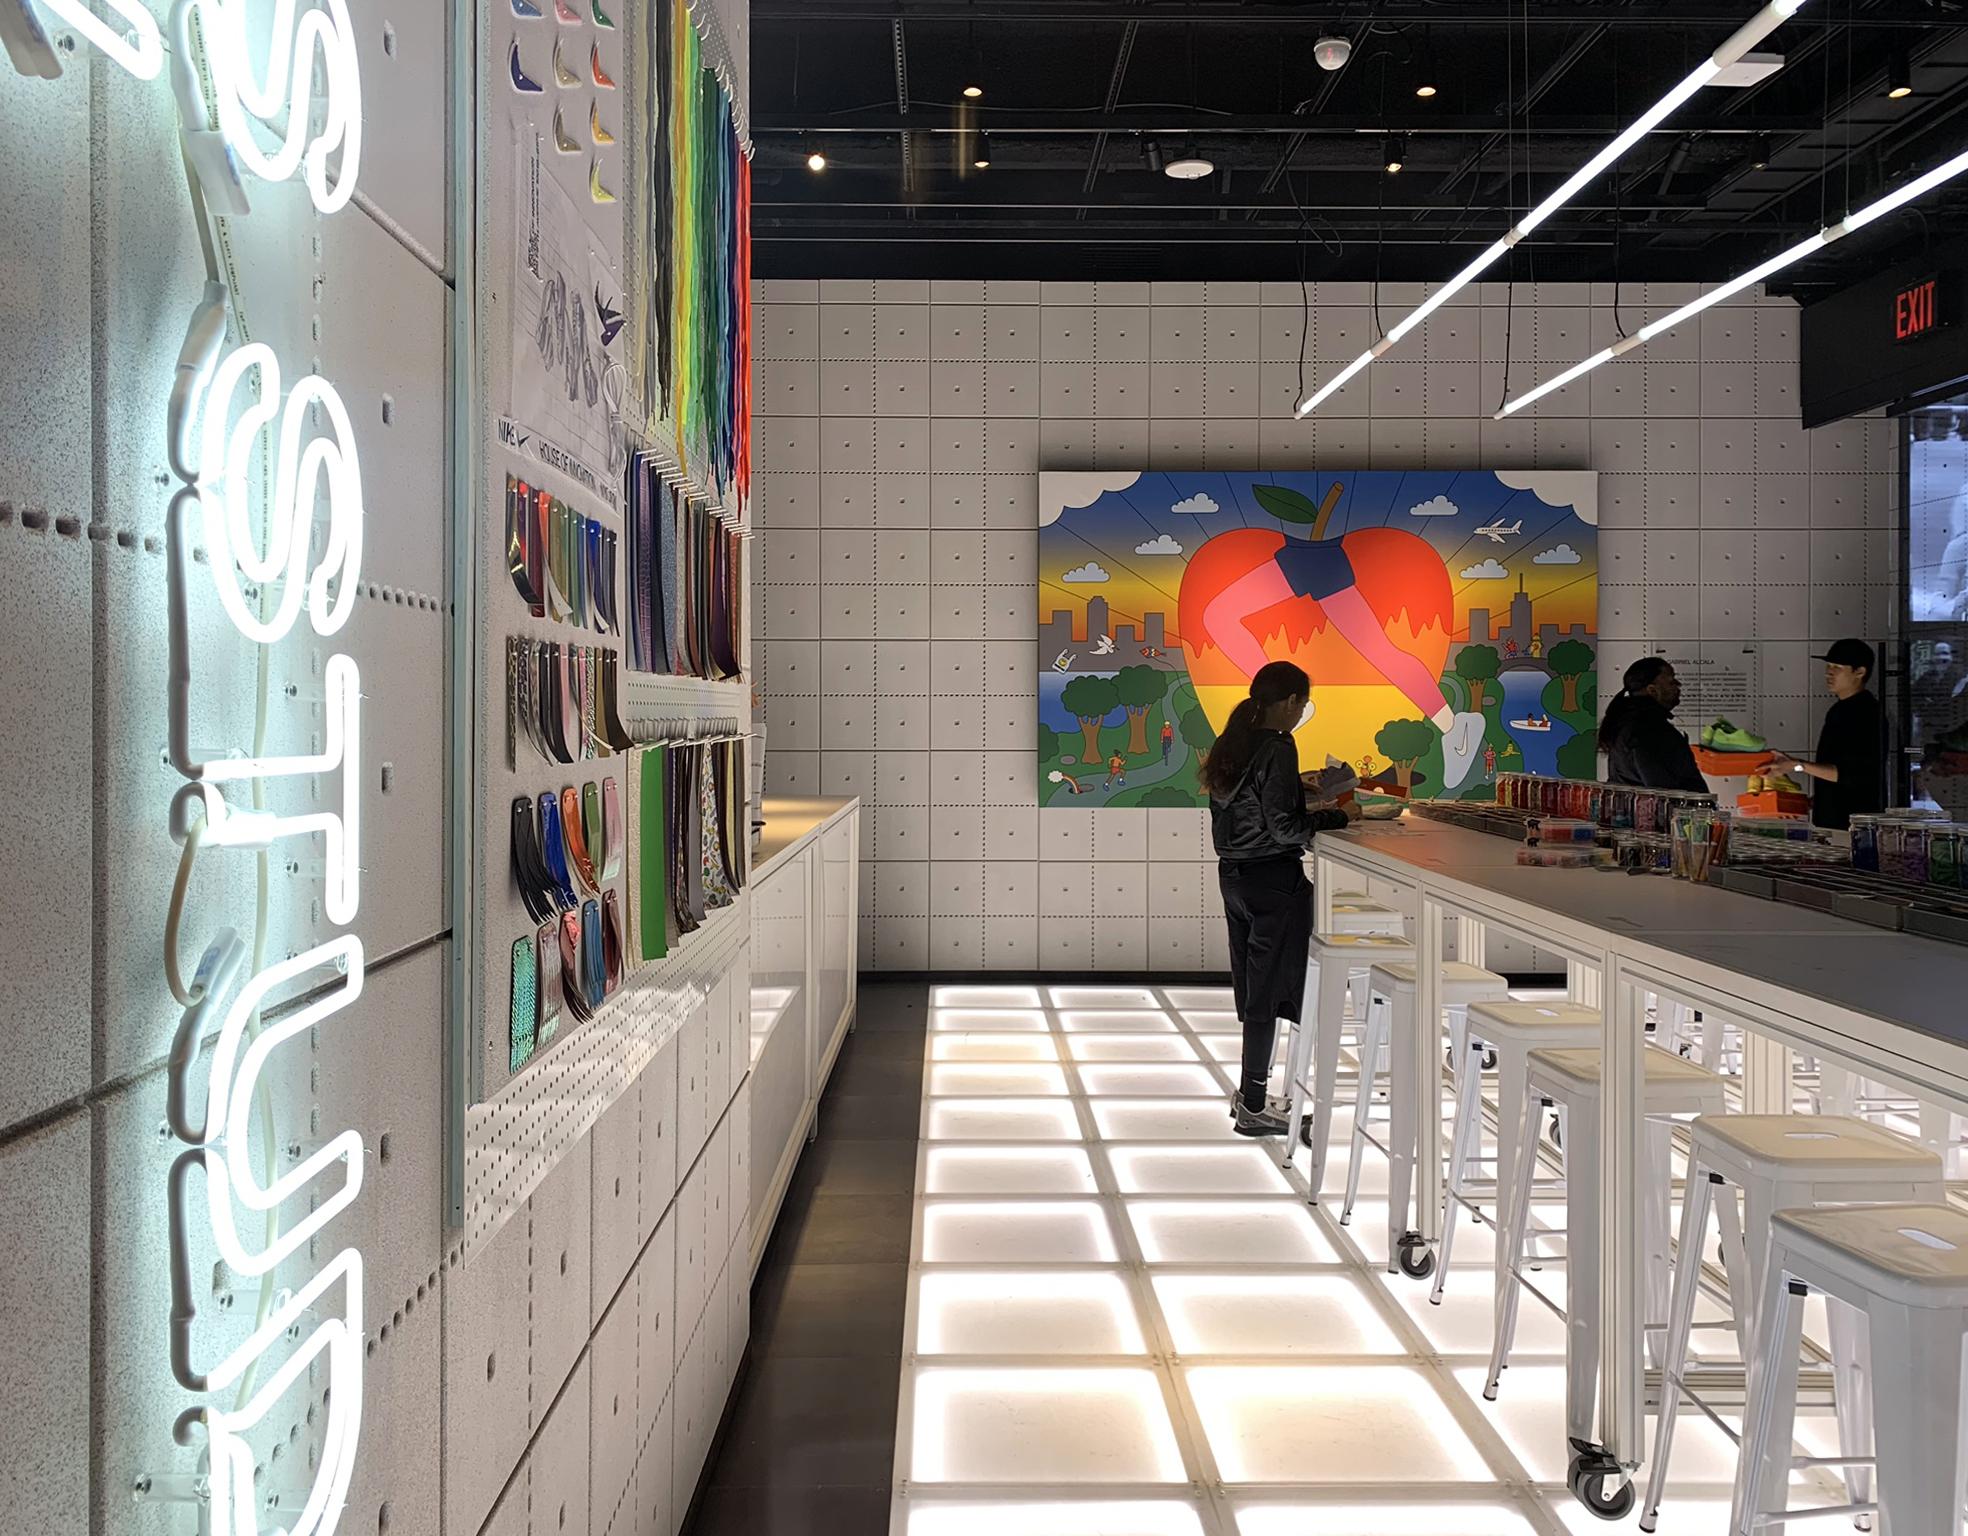 Nike CNC Work - Wallpanels fabricated by Timbur LLC